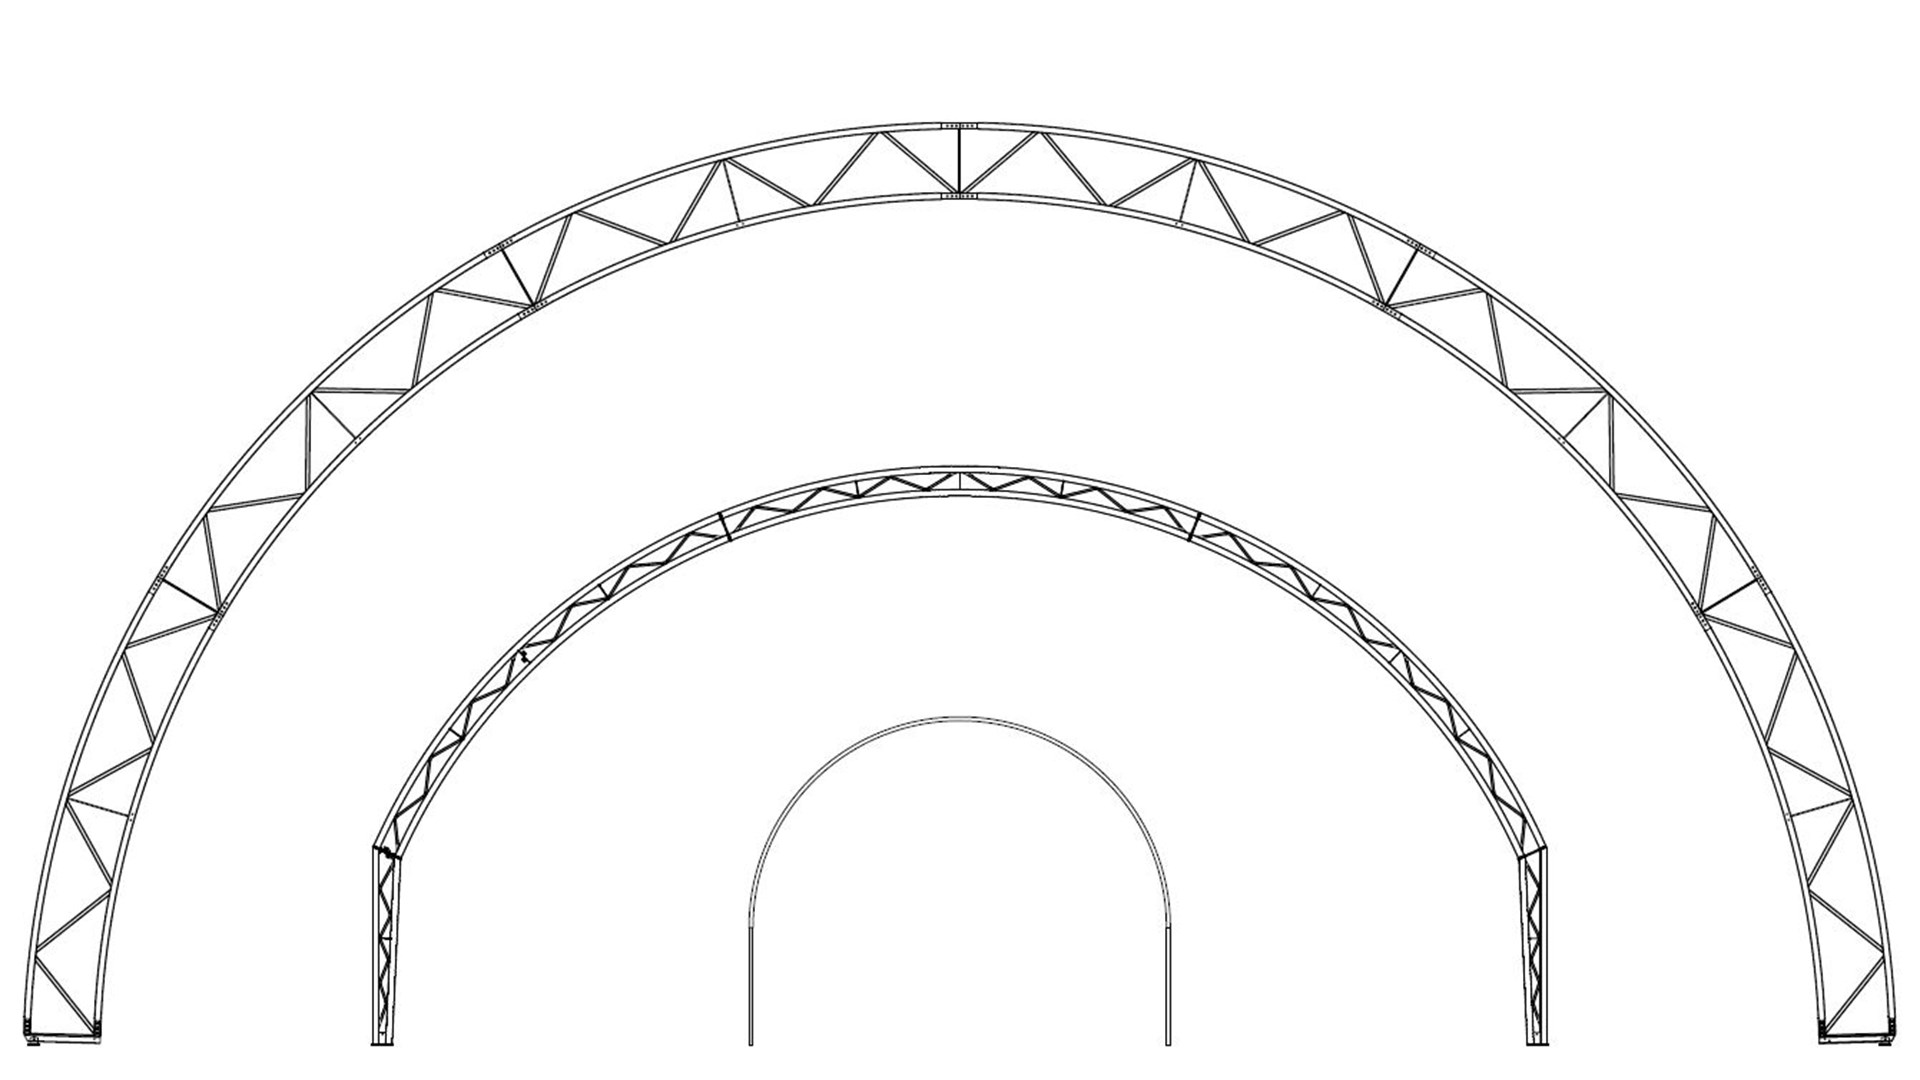 Arch Profiles